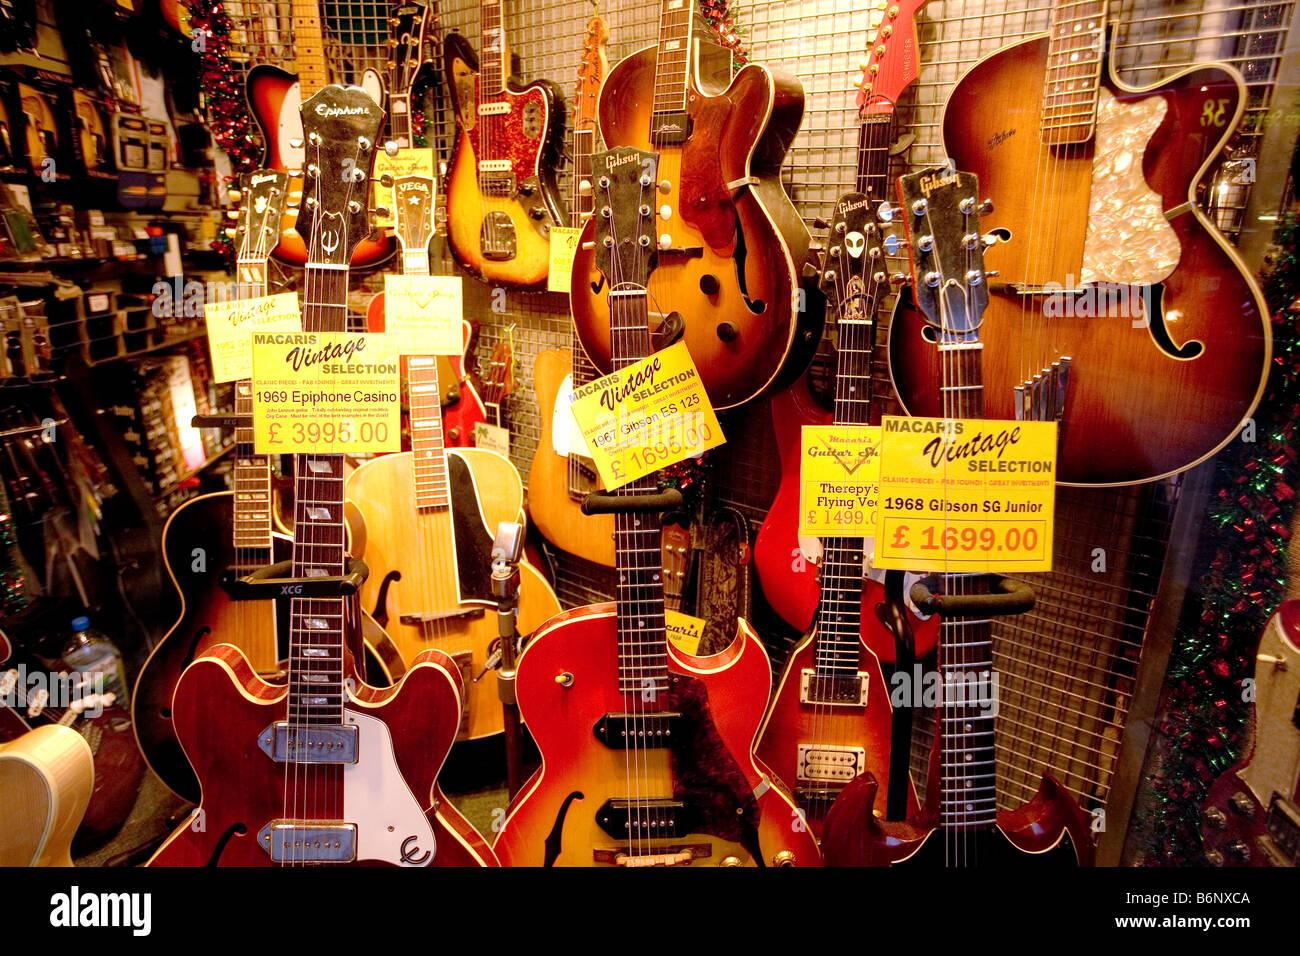 incontri chitarre Gibson Vintage Goa sito di incontri